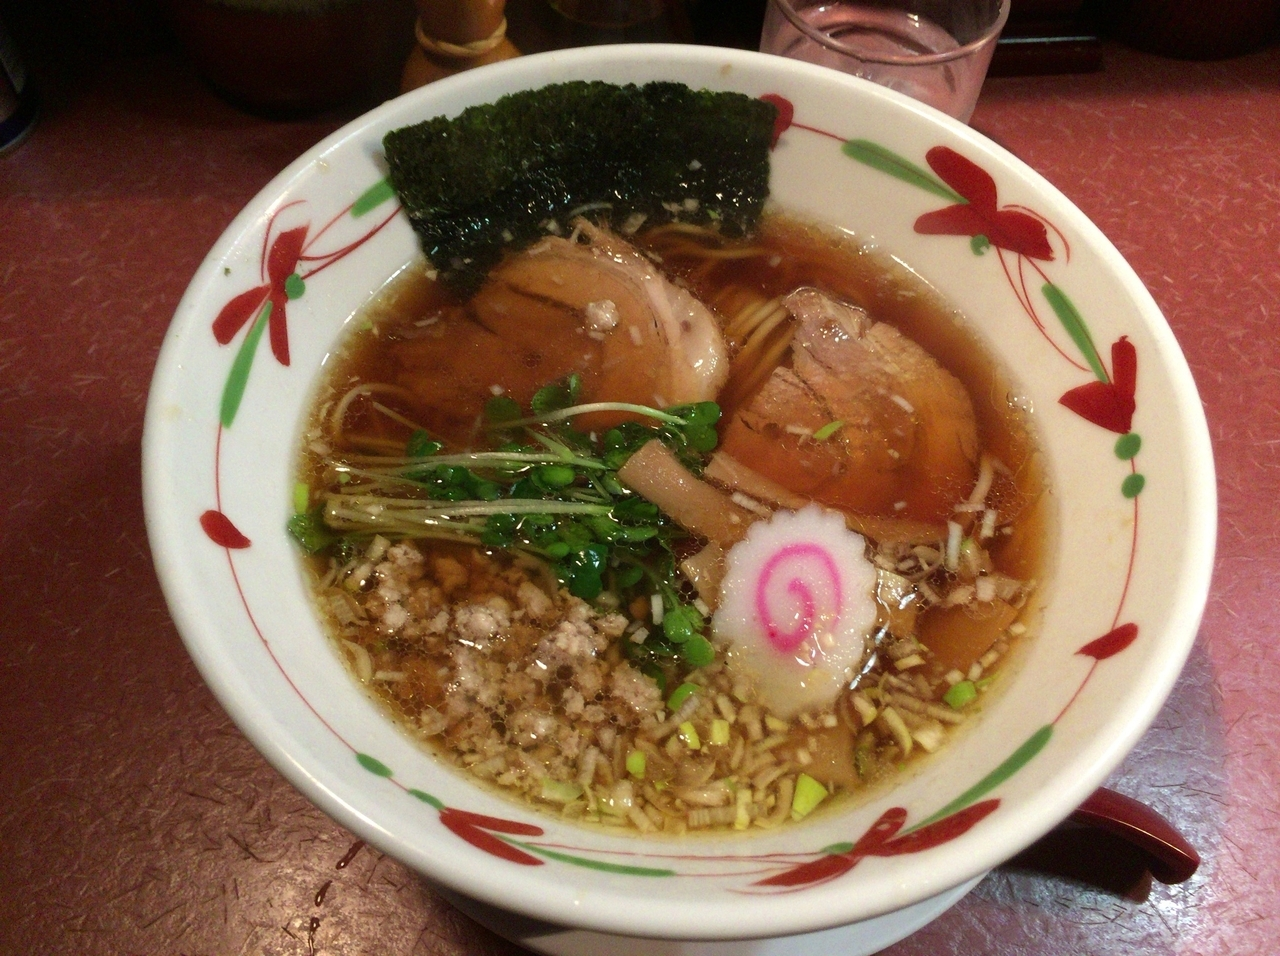 上野・御徒町で食べるべきラーメン屋13選!有名店『麺屋武蔵』に24時間営業も!